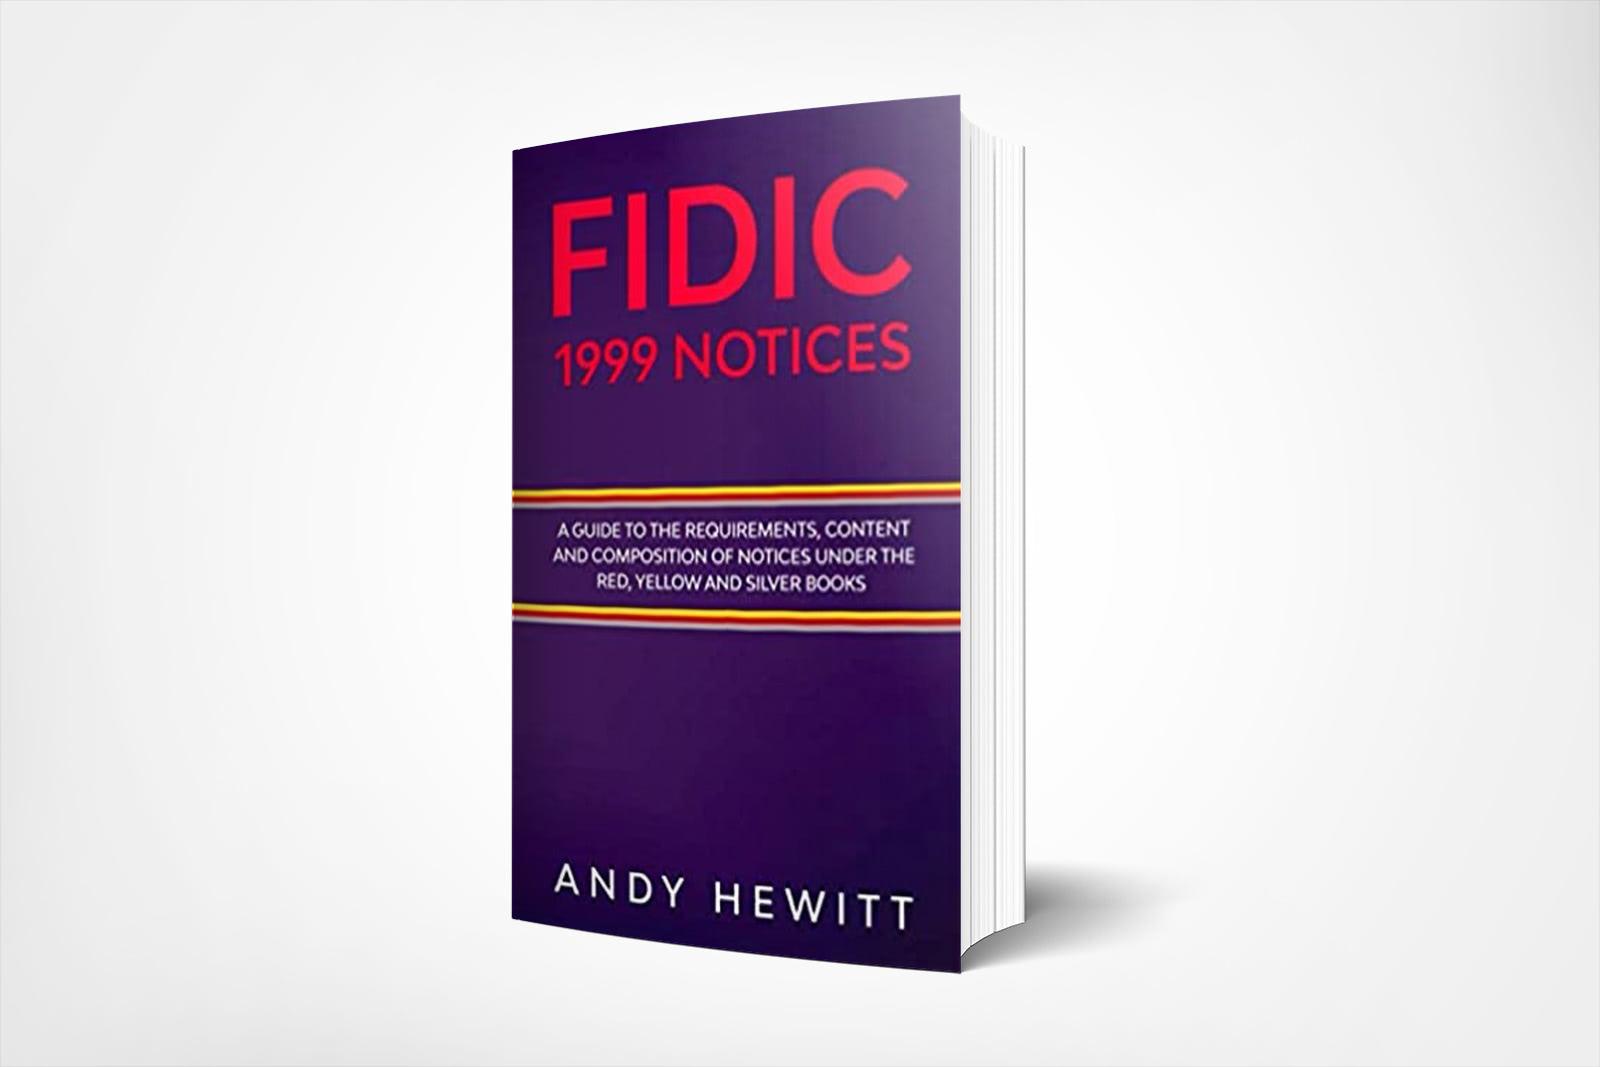 FIDIC Notices